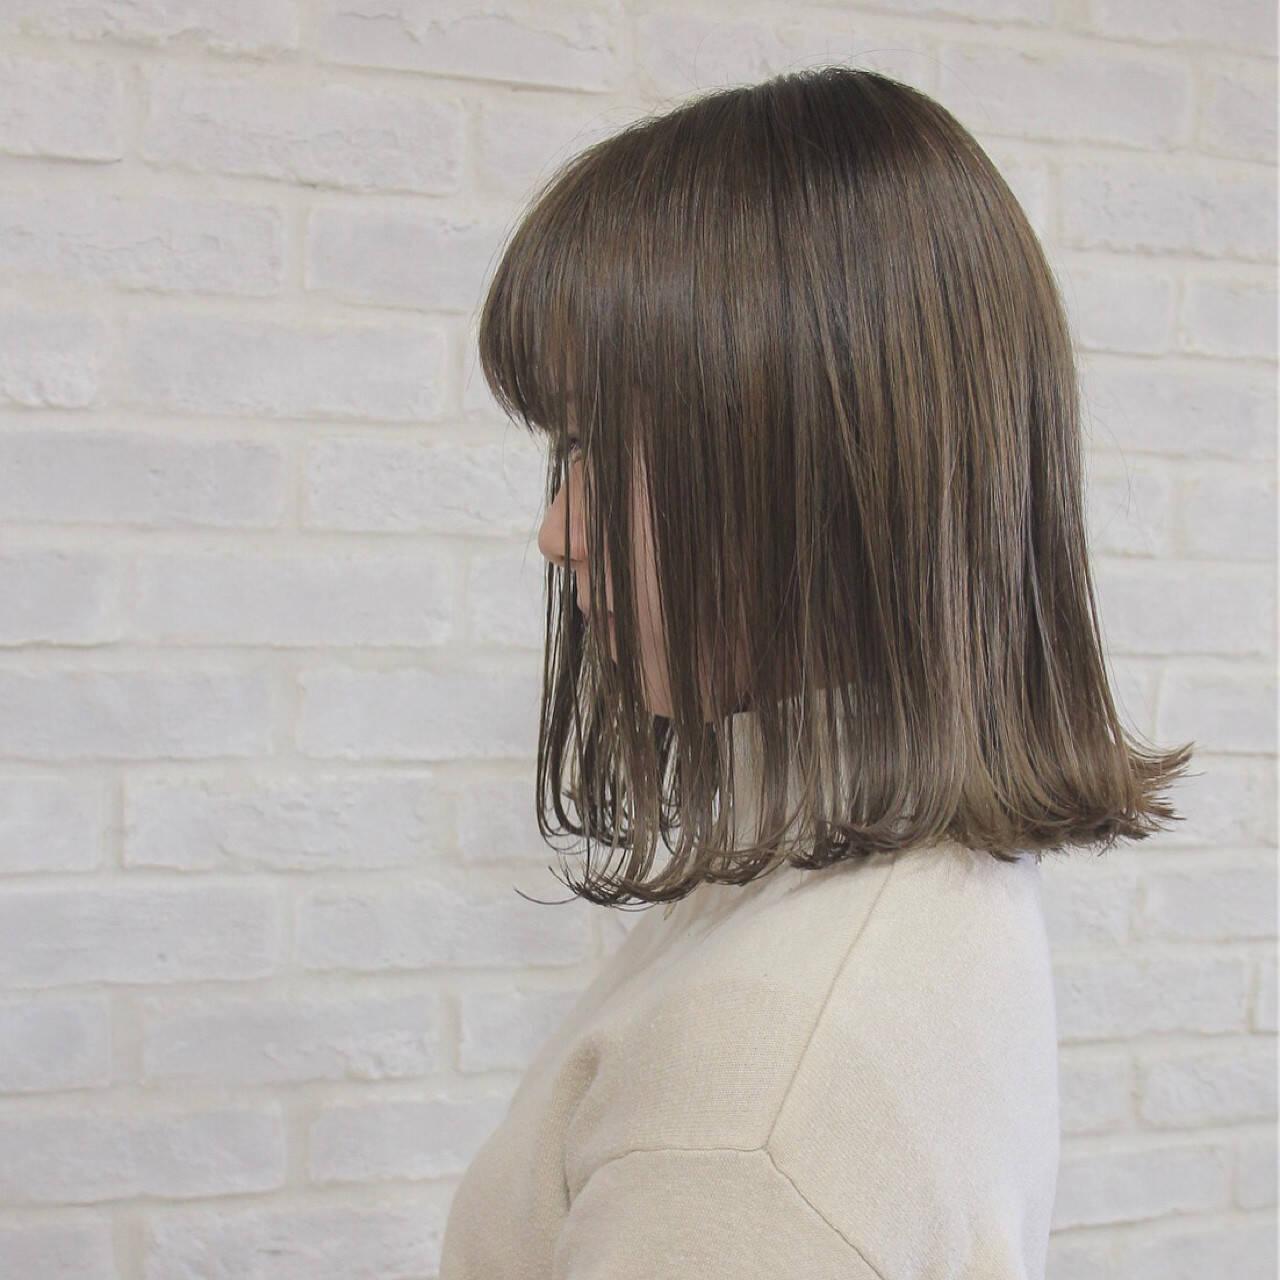 マット グレージュ 外ハネ ボブヘアスタイルや髪型の写真・画像